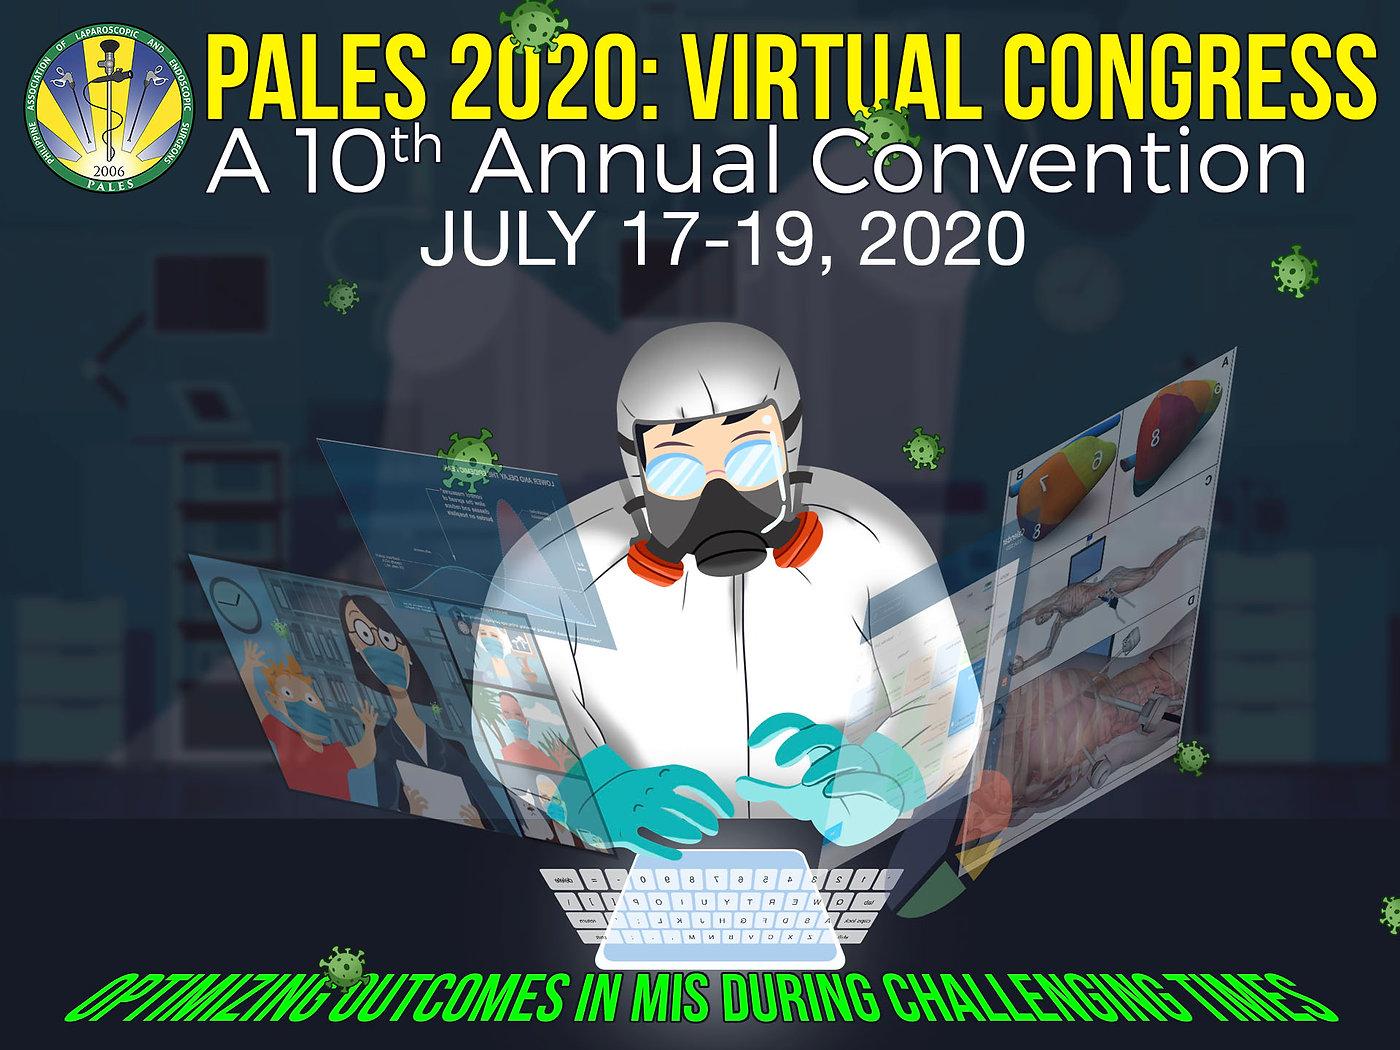 PALES 2020 POSTER.jpg